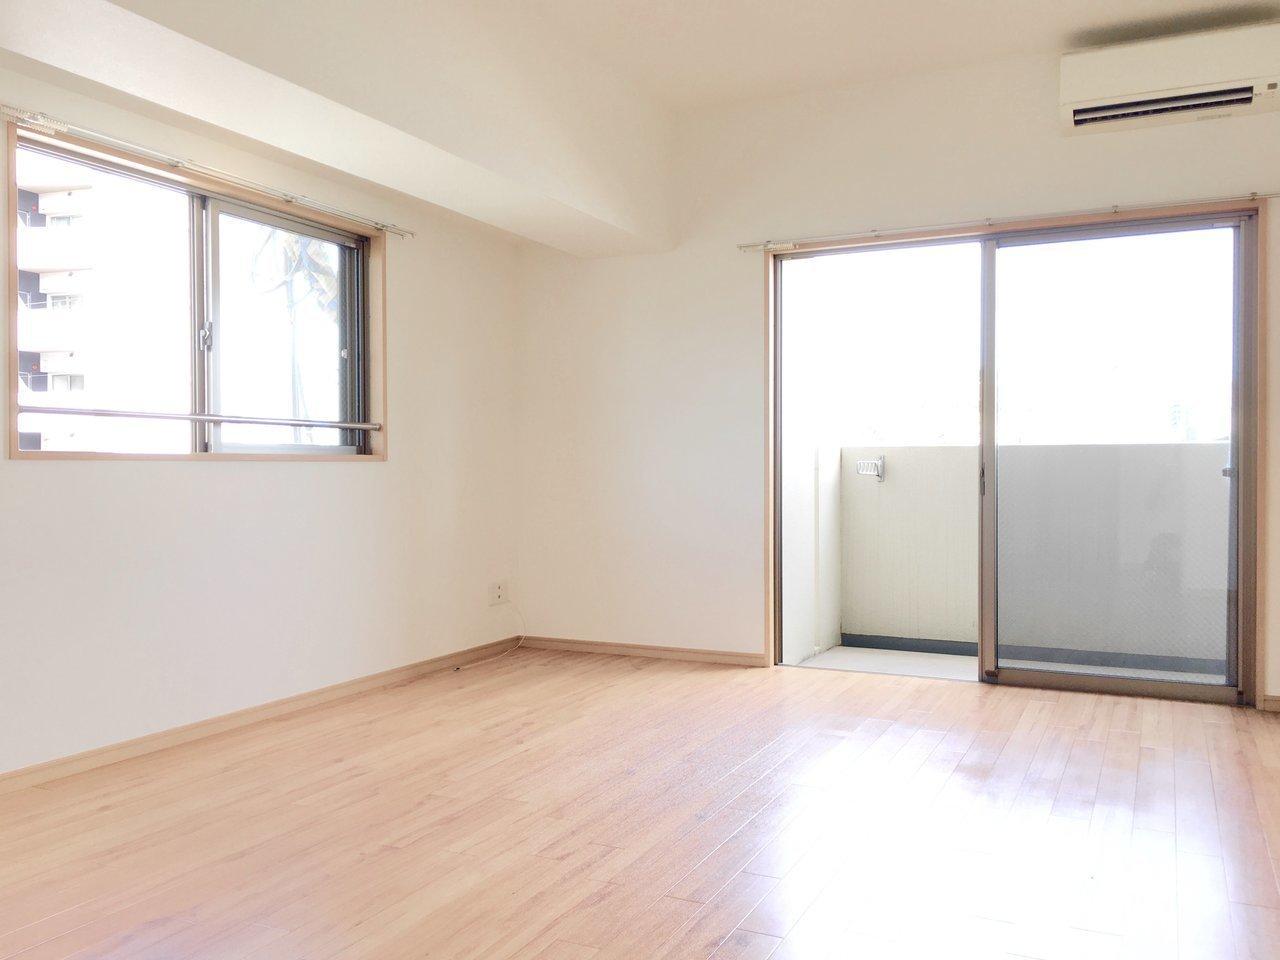 角部屋のポイント。2面採光で日当たりの良さが魅力の、1DKタイプのお部屋です。駅から徒歩3分という立地もいいですね。